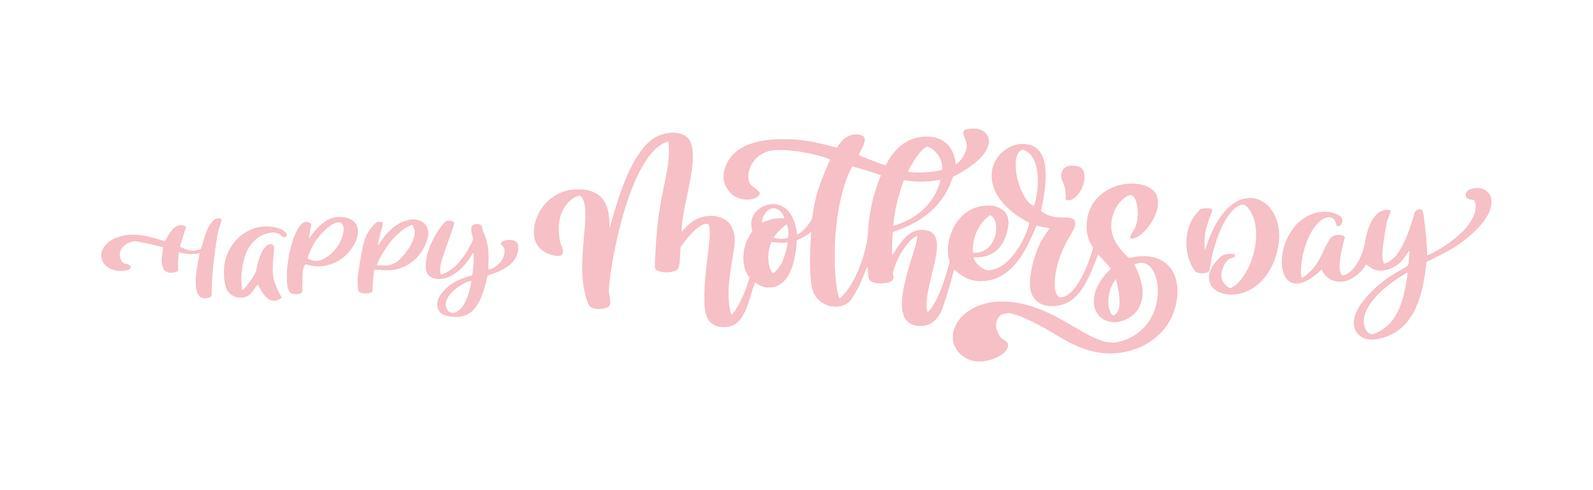 heureuse fête des mères Citations de lettrage dessinés à la main